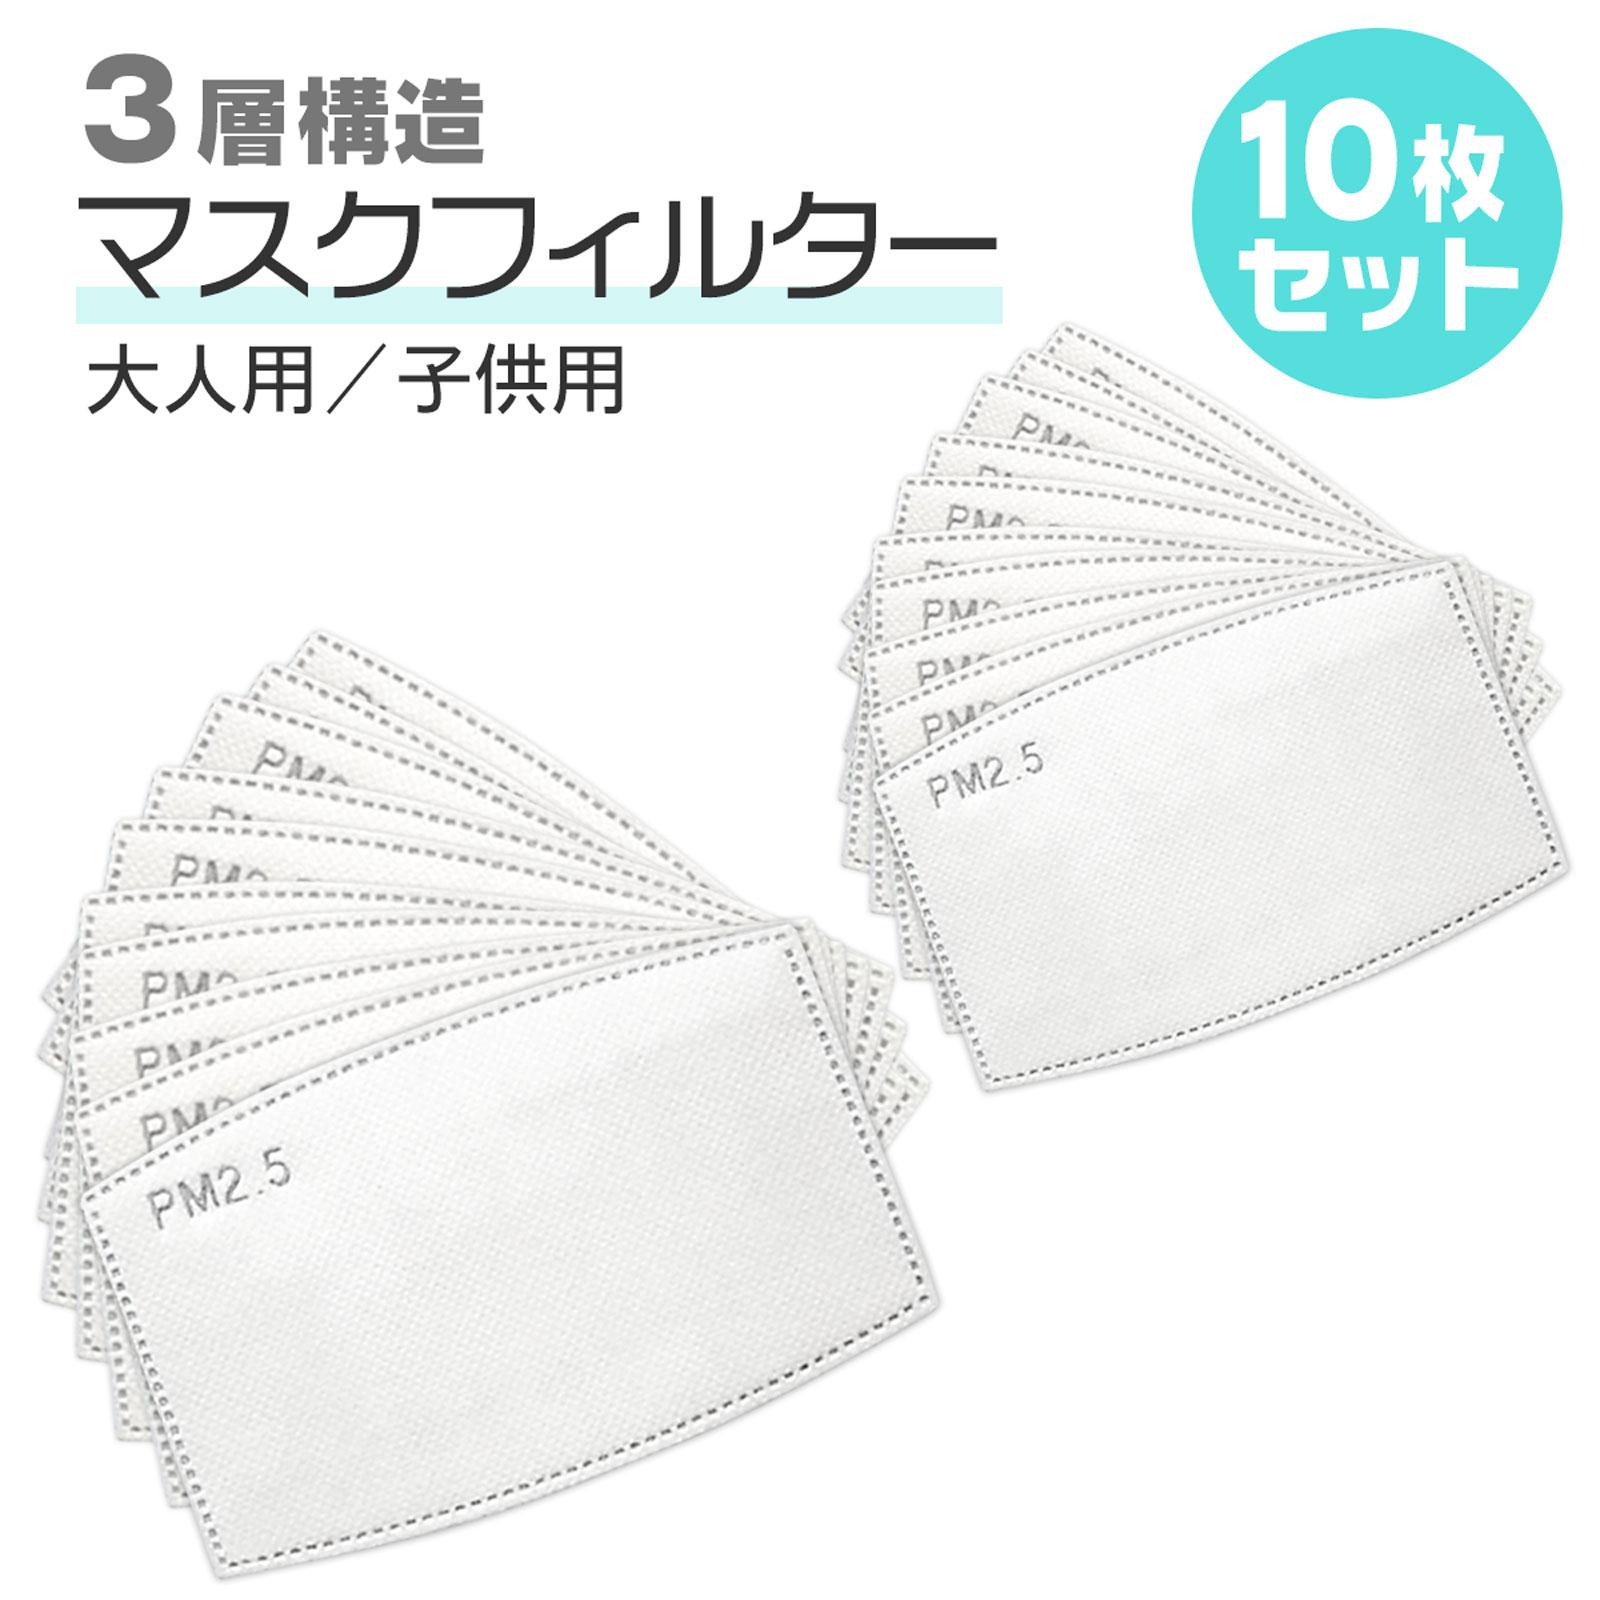 通気性抜群の3層構造のマスクフィルター マスク フィルター 3層構造 10枚入り マスク用取り替え フィルターシート 返品送料無料 交換 飛沫防止 活性炭 子供 大人 海外輸入